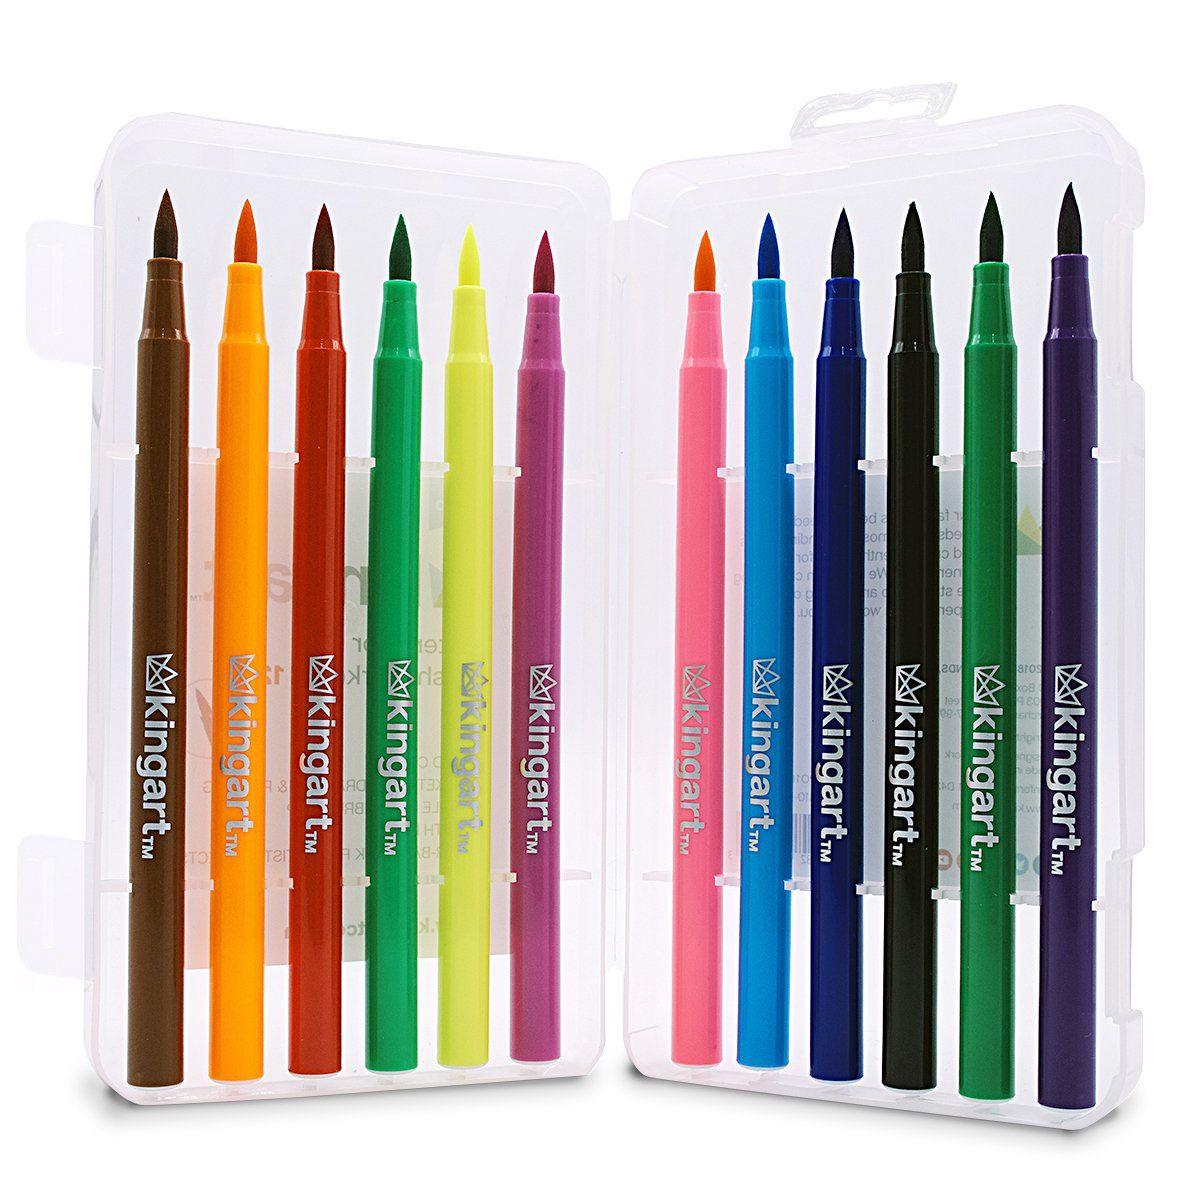 Kingart Watercolor Brush Tip Markers Set Of 12 Colors Brush